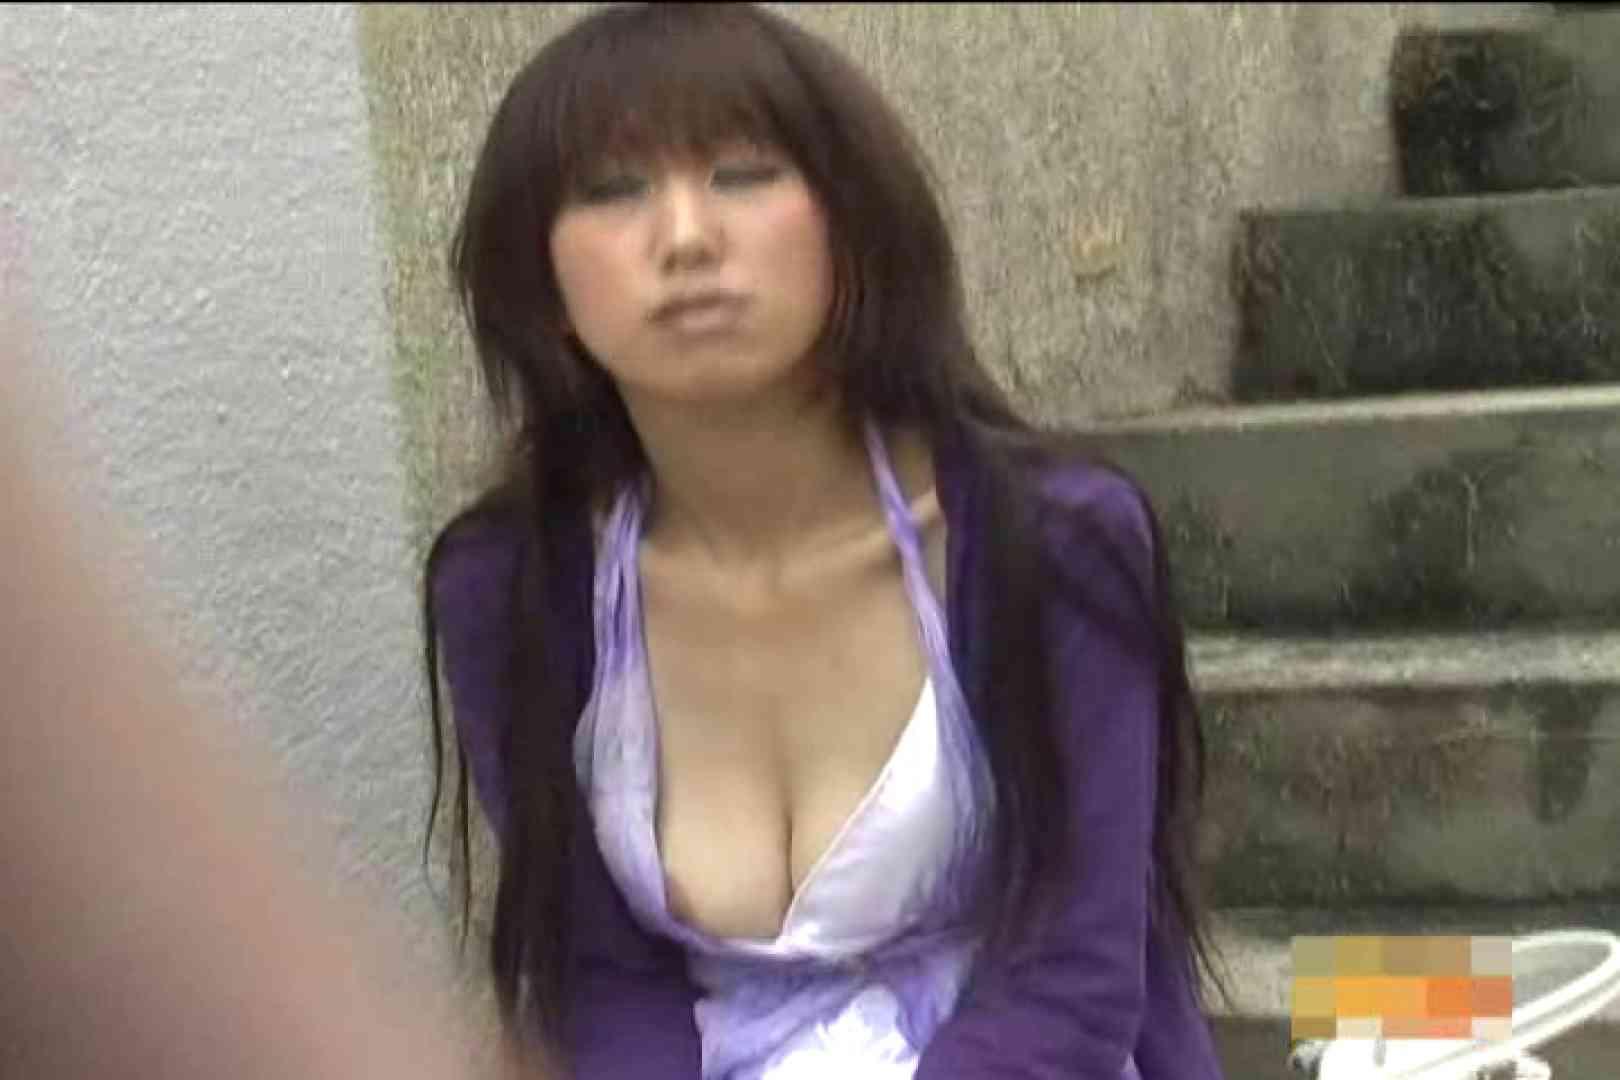 大胆露出胸チラギャル大量発生中!!Vol.1 ギャルの実態 | 乳首  88pic 66